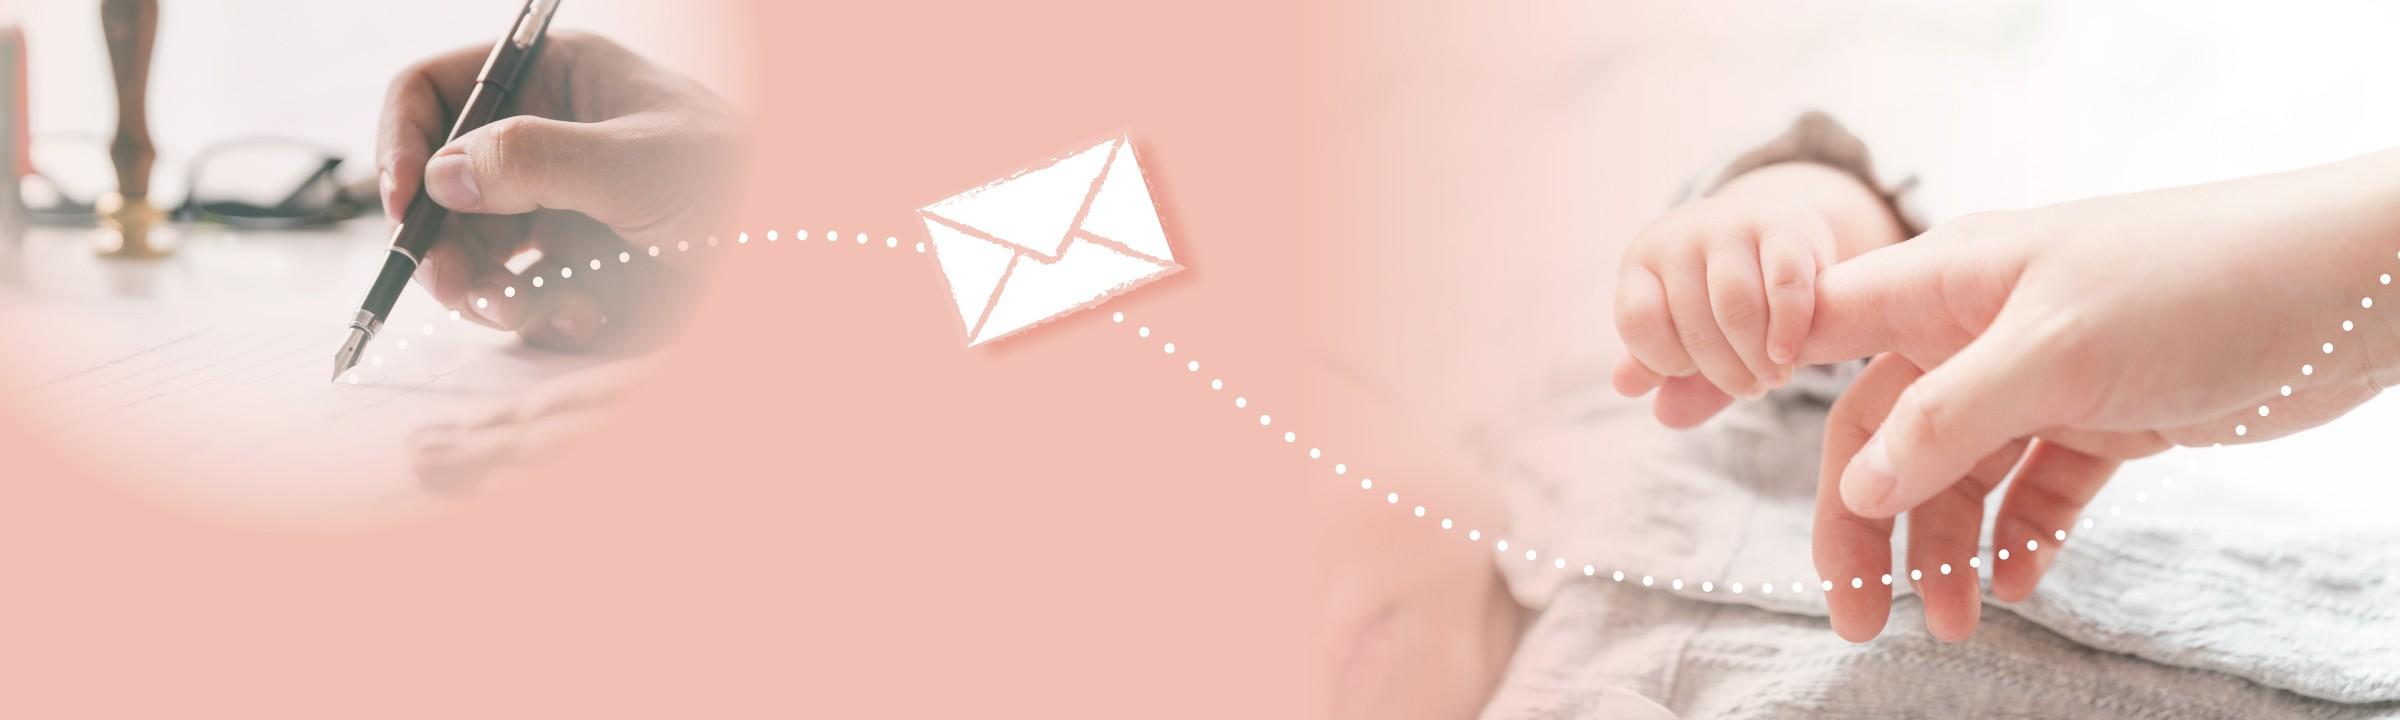 連載 未来への手紙プロジェクト